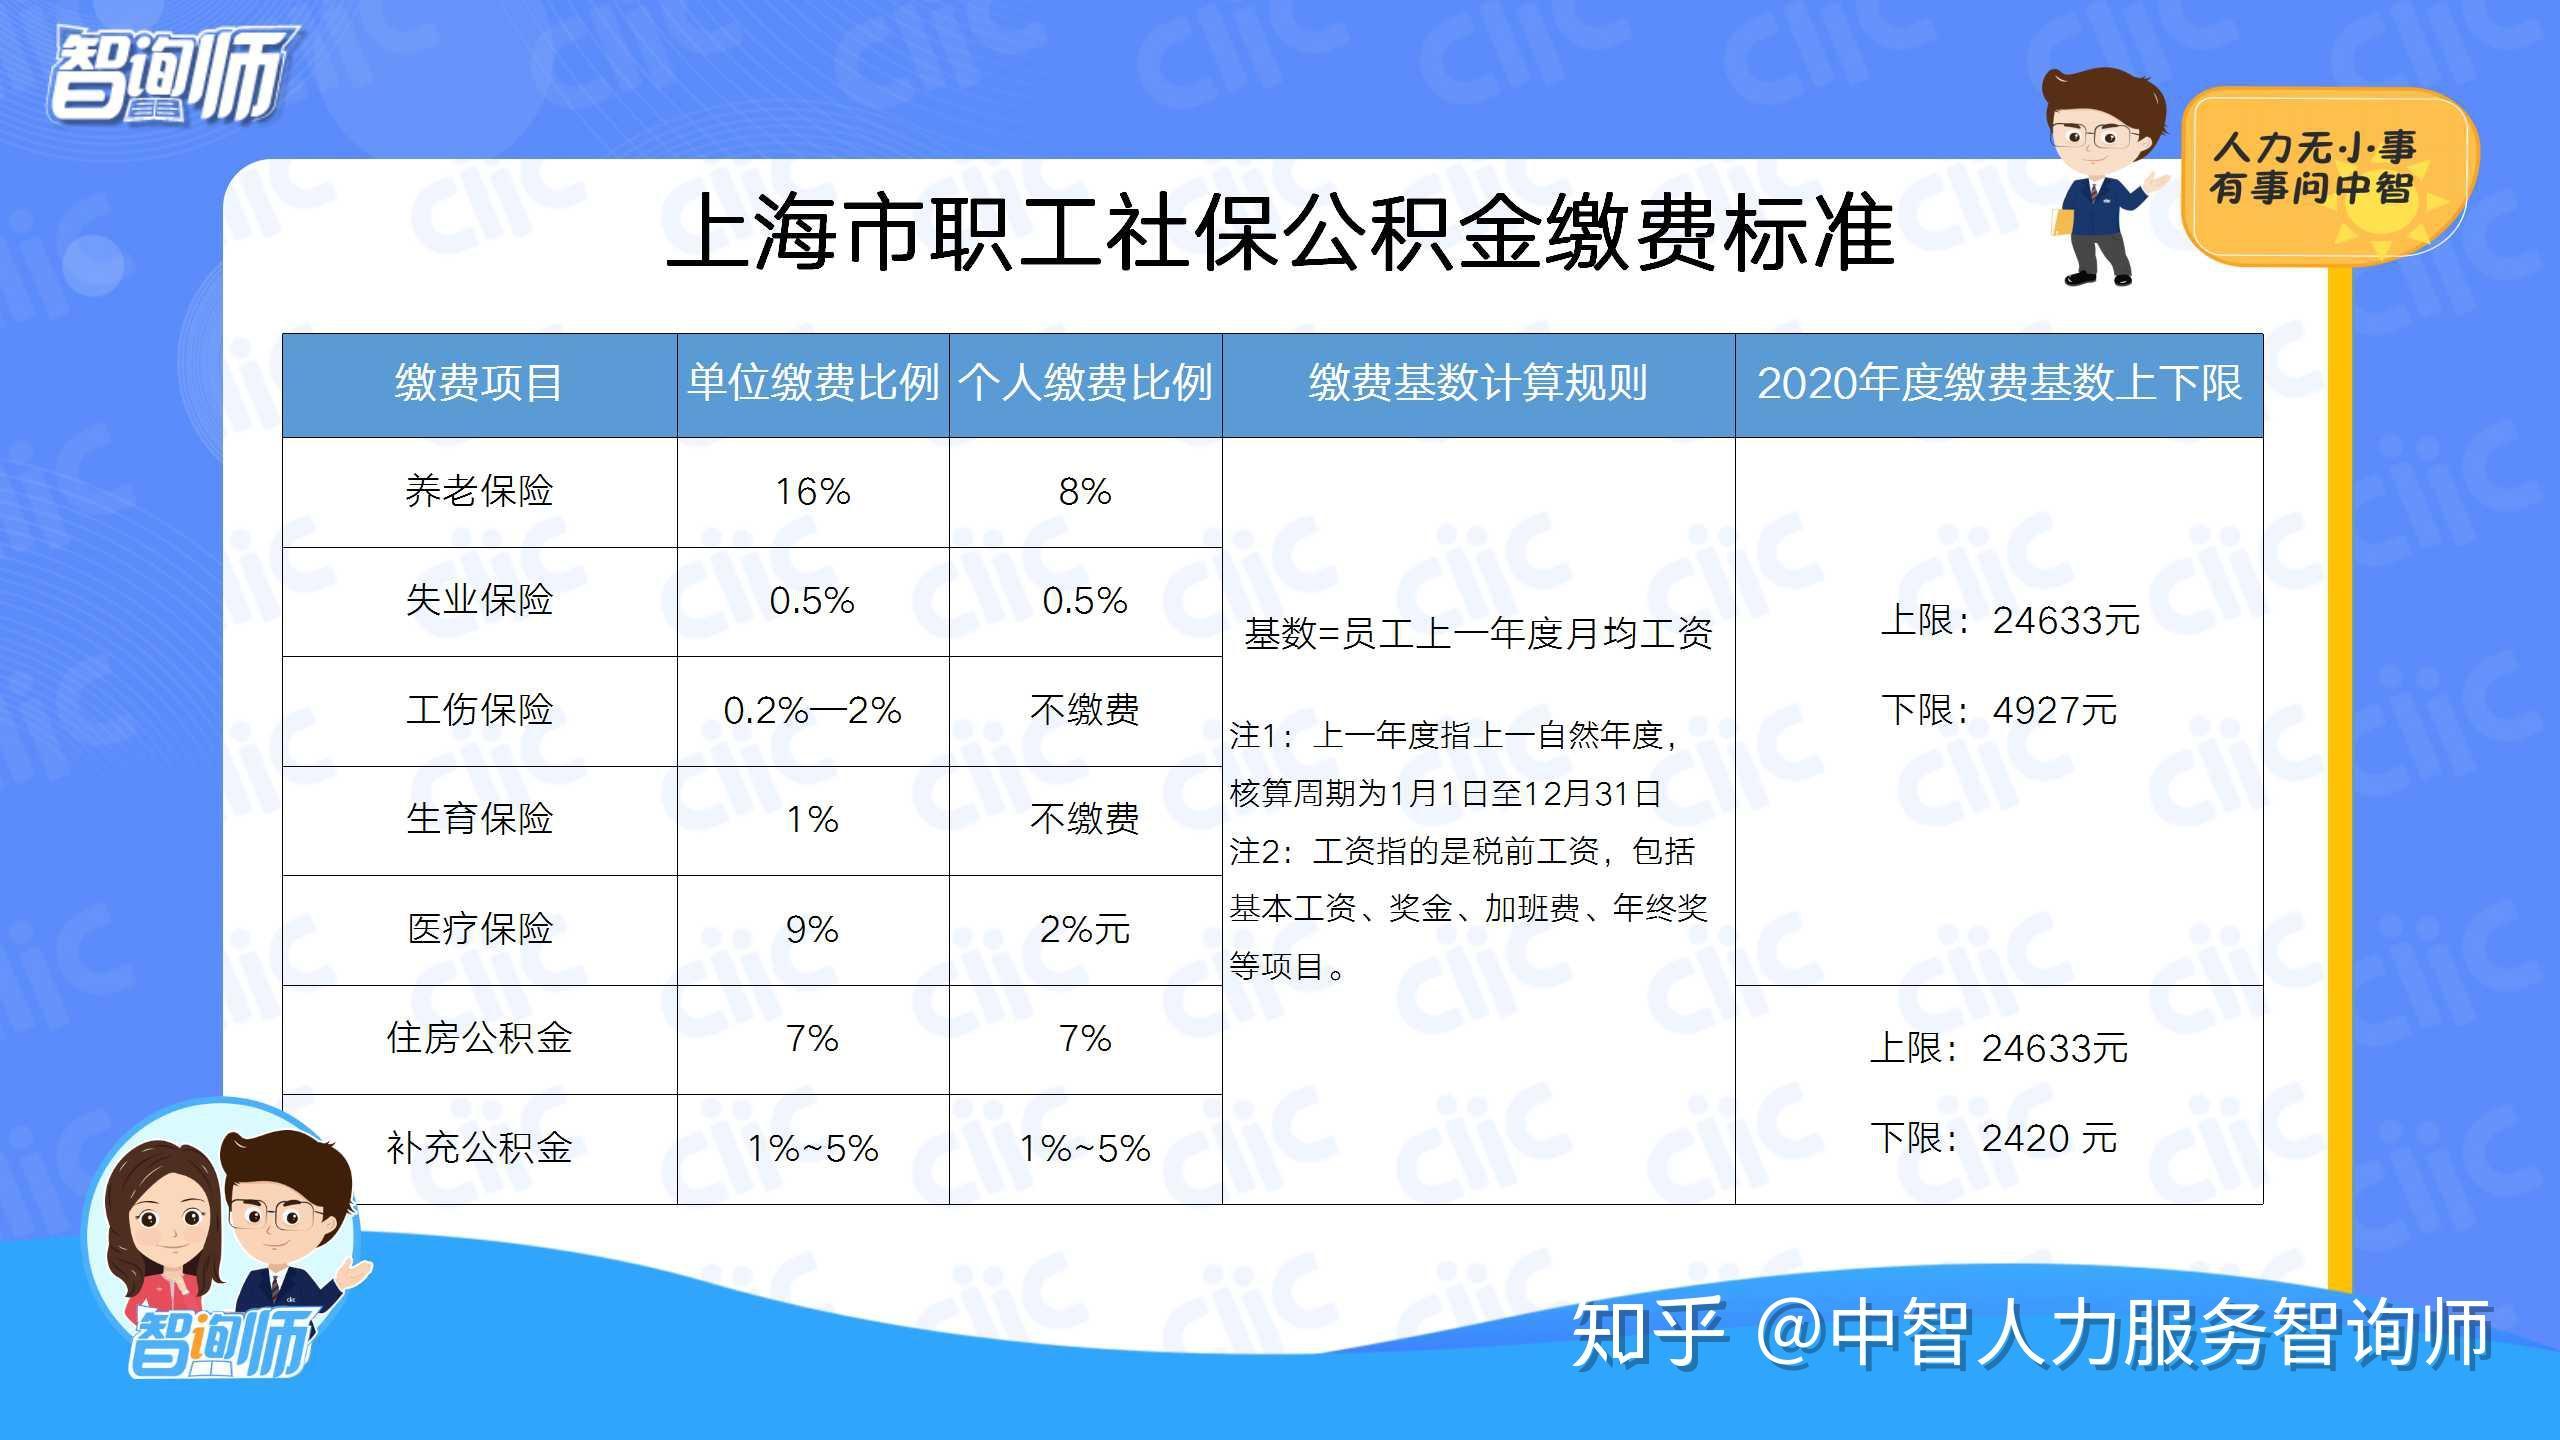 上海最新社保基数_求问五险一金是怎么计算的,基数是什么? - 知乎